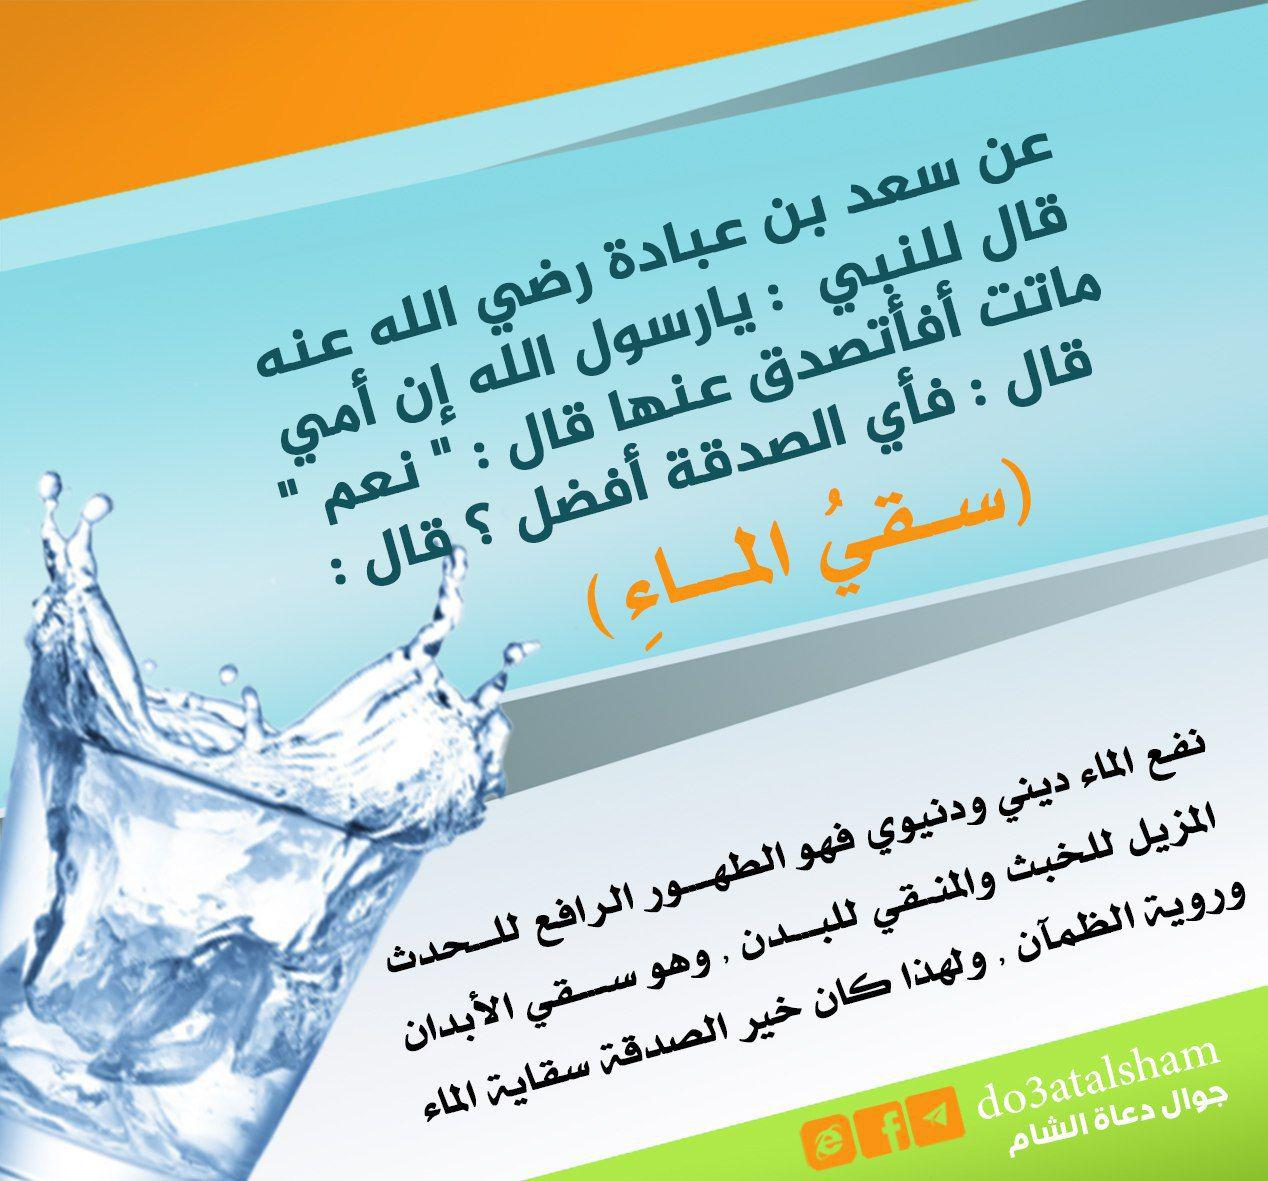 صدقة سقيا الماء تجمع دعاة الشام